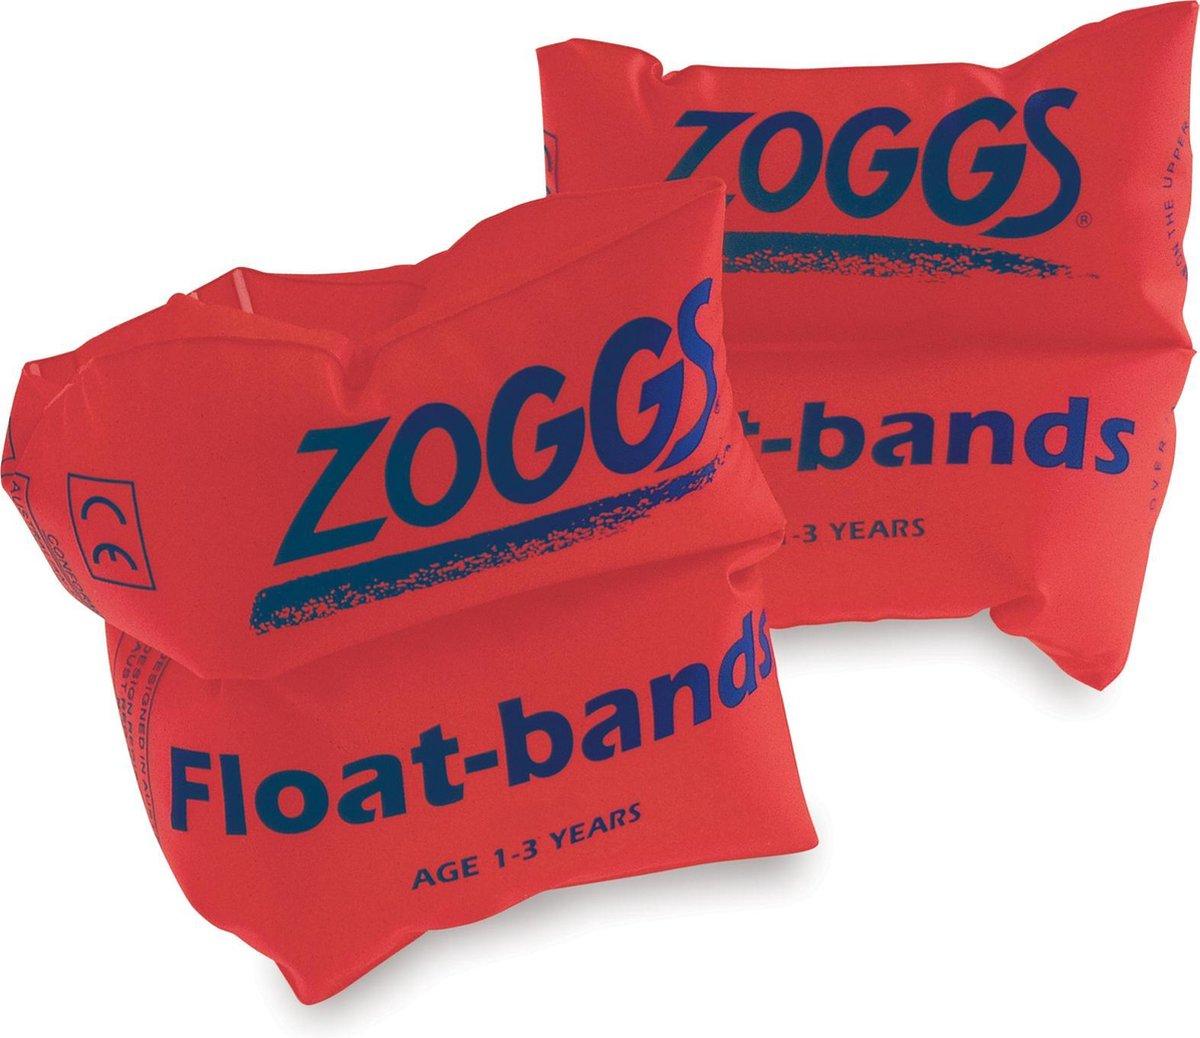 Zoggs - Zwembandjes Float band - Oranje - Maximum 50 kg - Maat 6/12 jaar